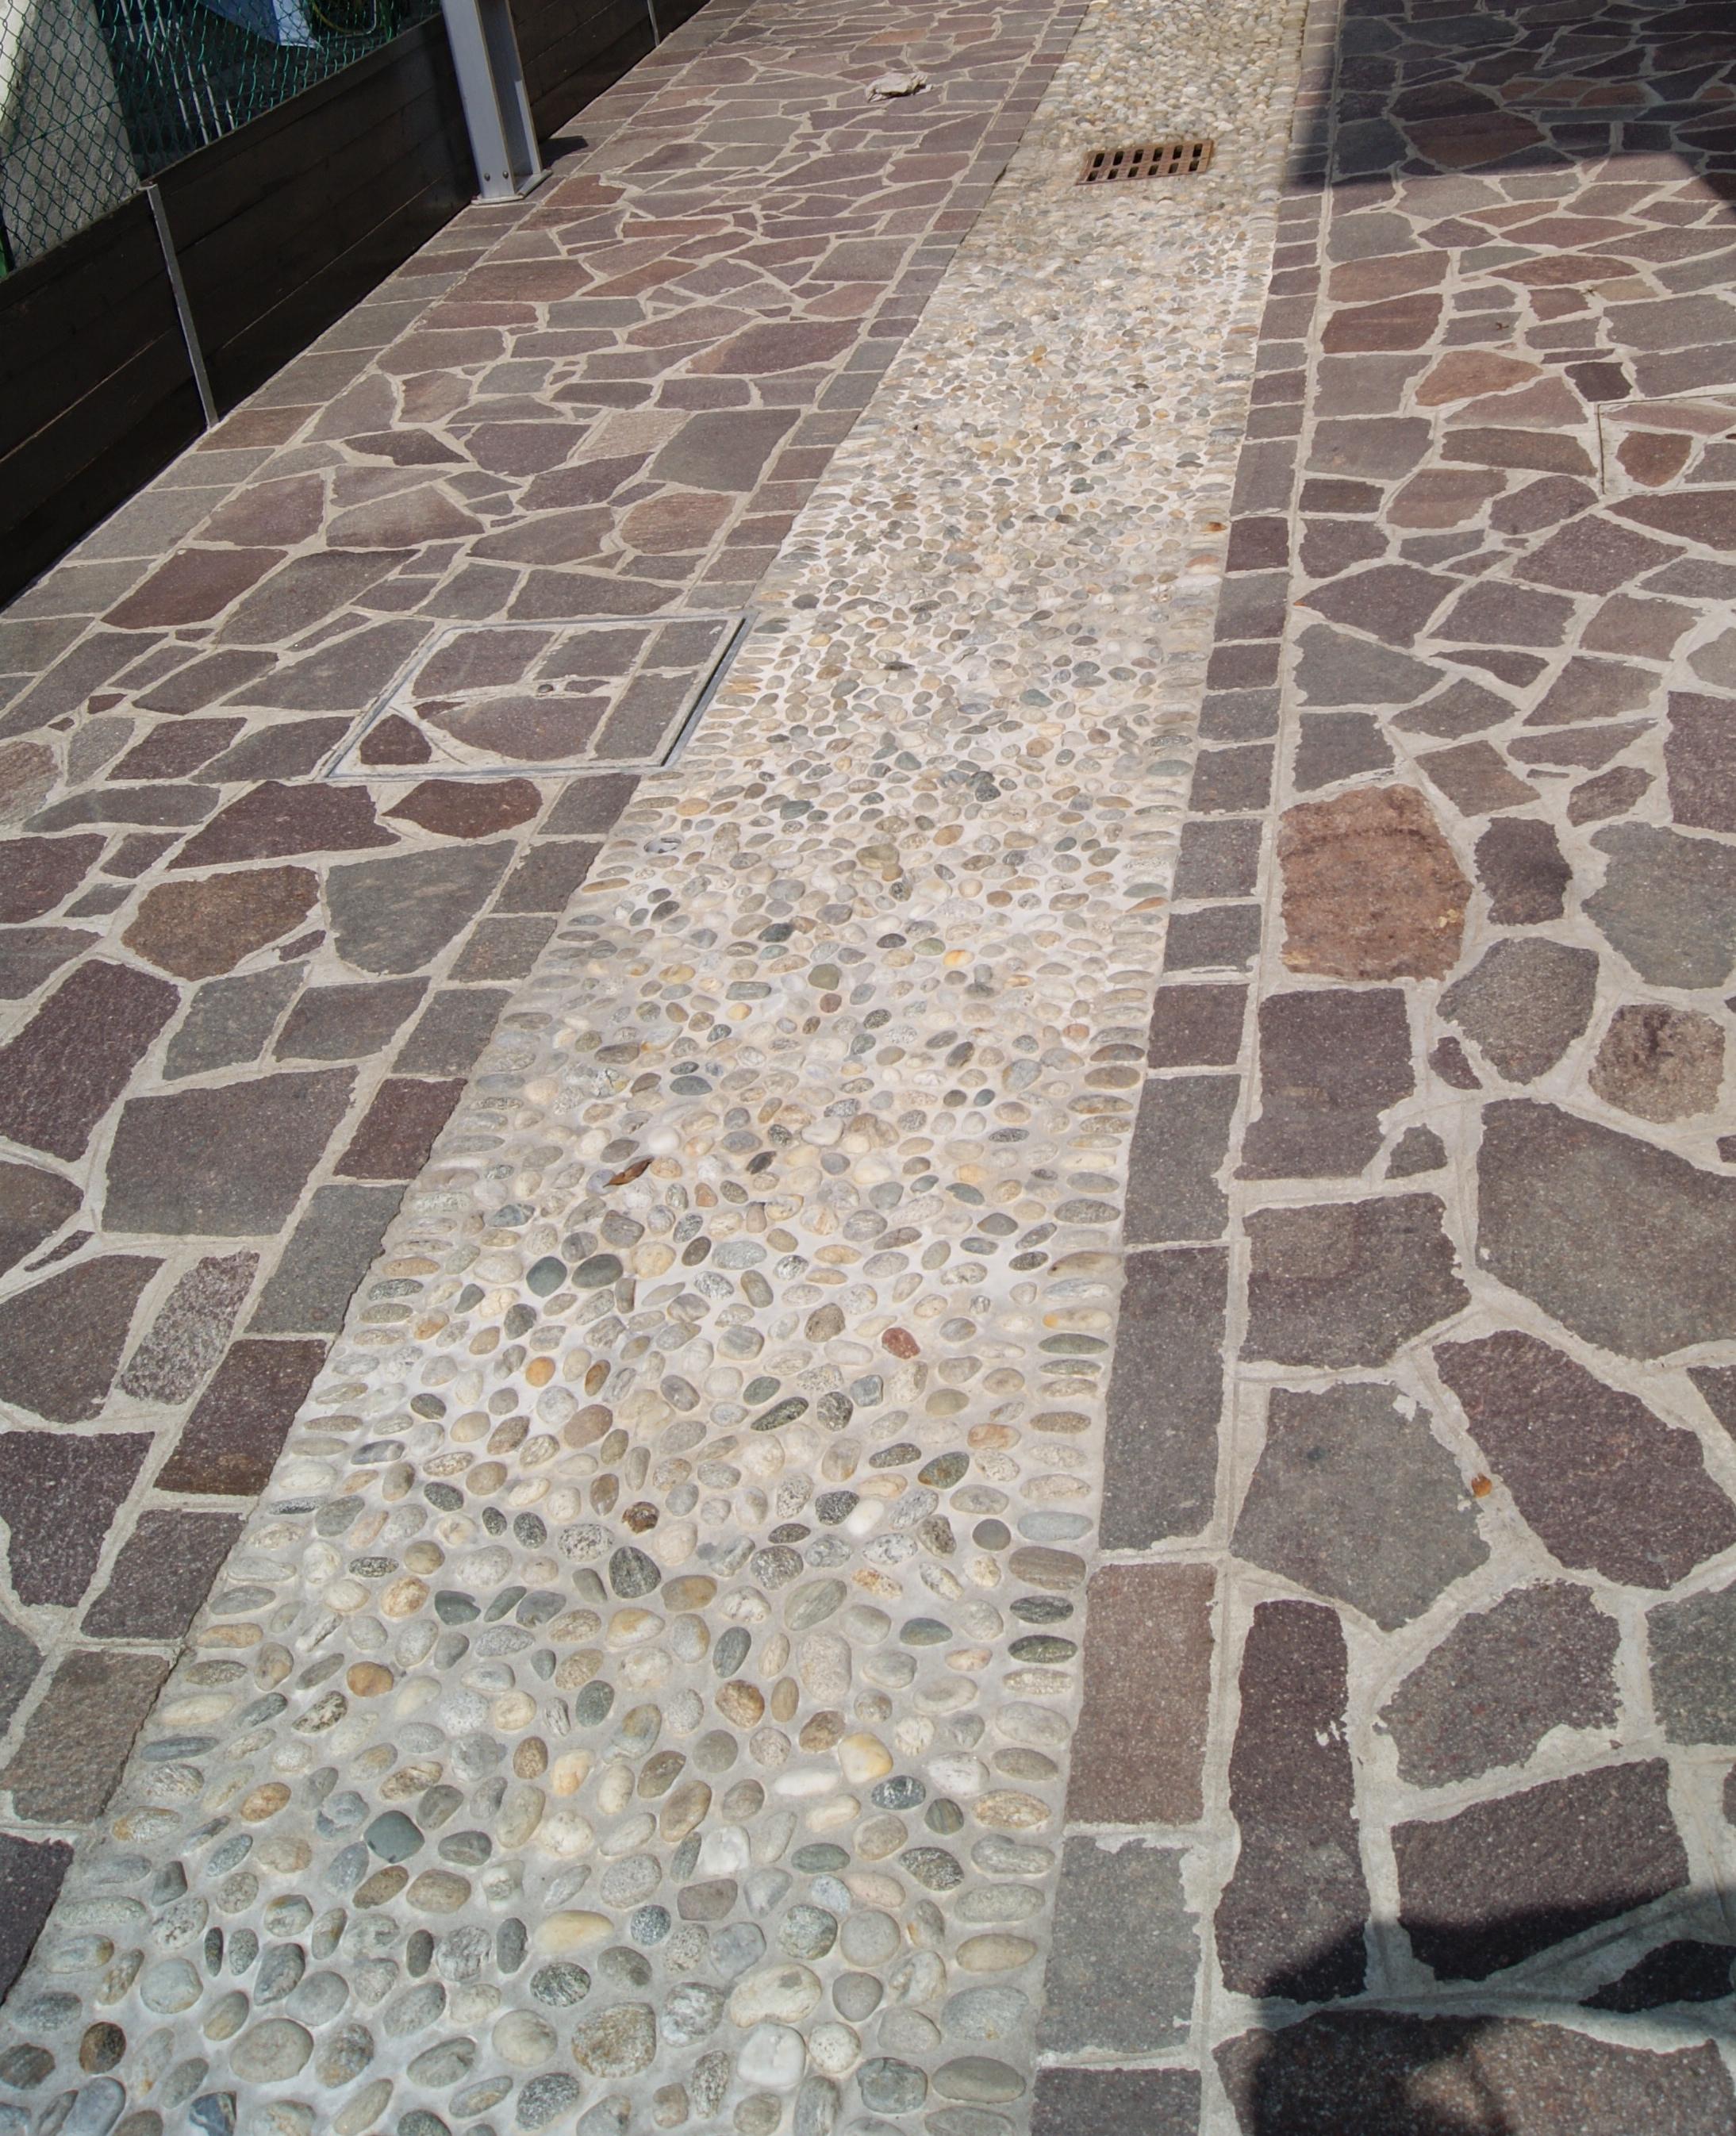 Pulizia pavimenti pietra naturale bergamo pietranova - Pulizia pavimenti esterni ...